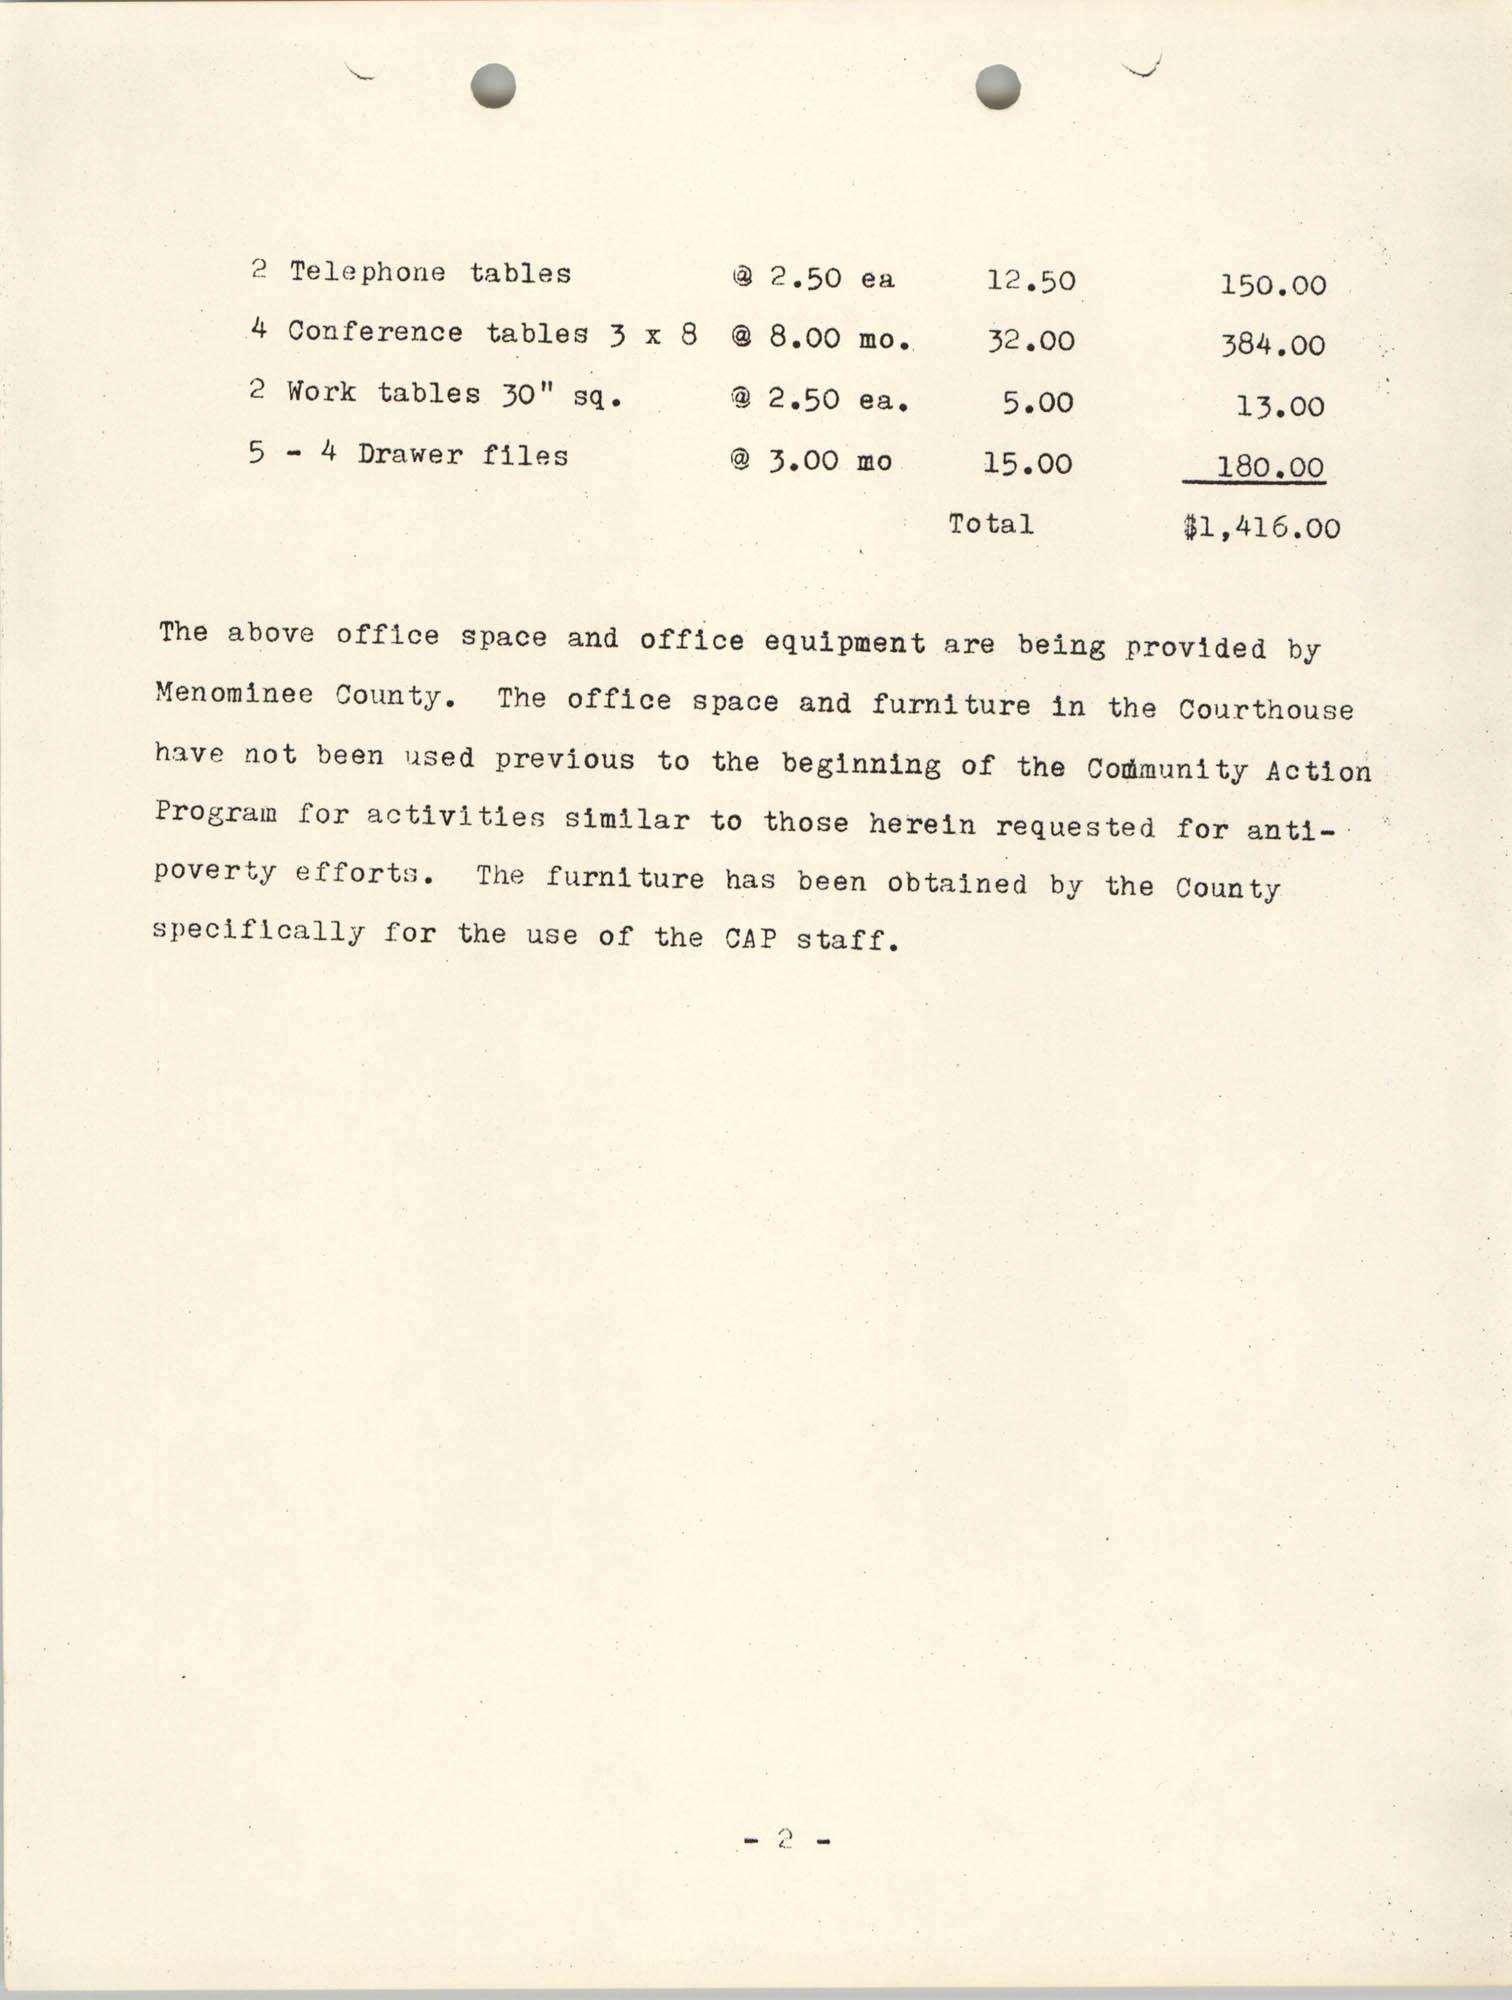 CAP Grant Materials, CAP 2 Program Characteristics, Page 3